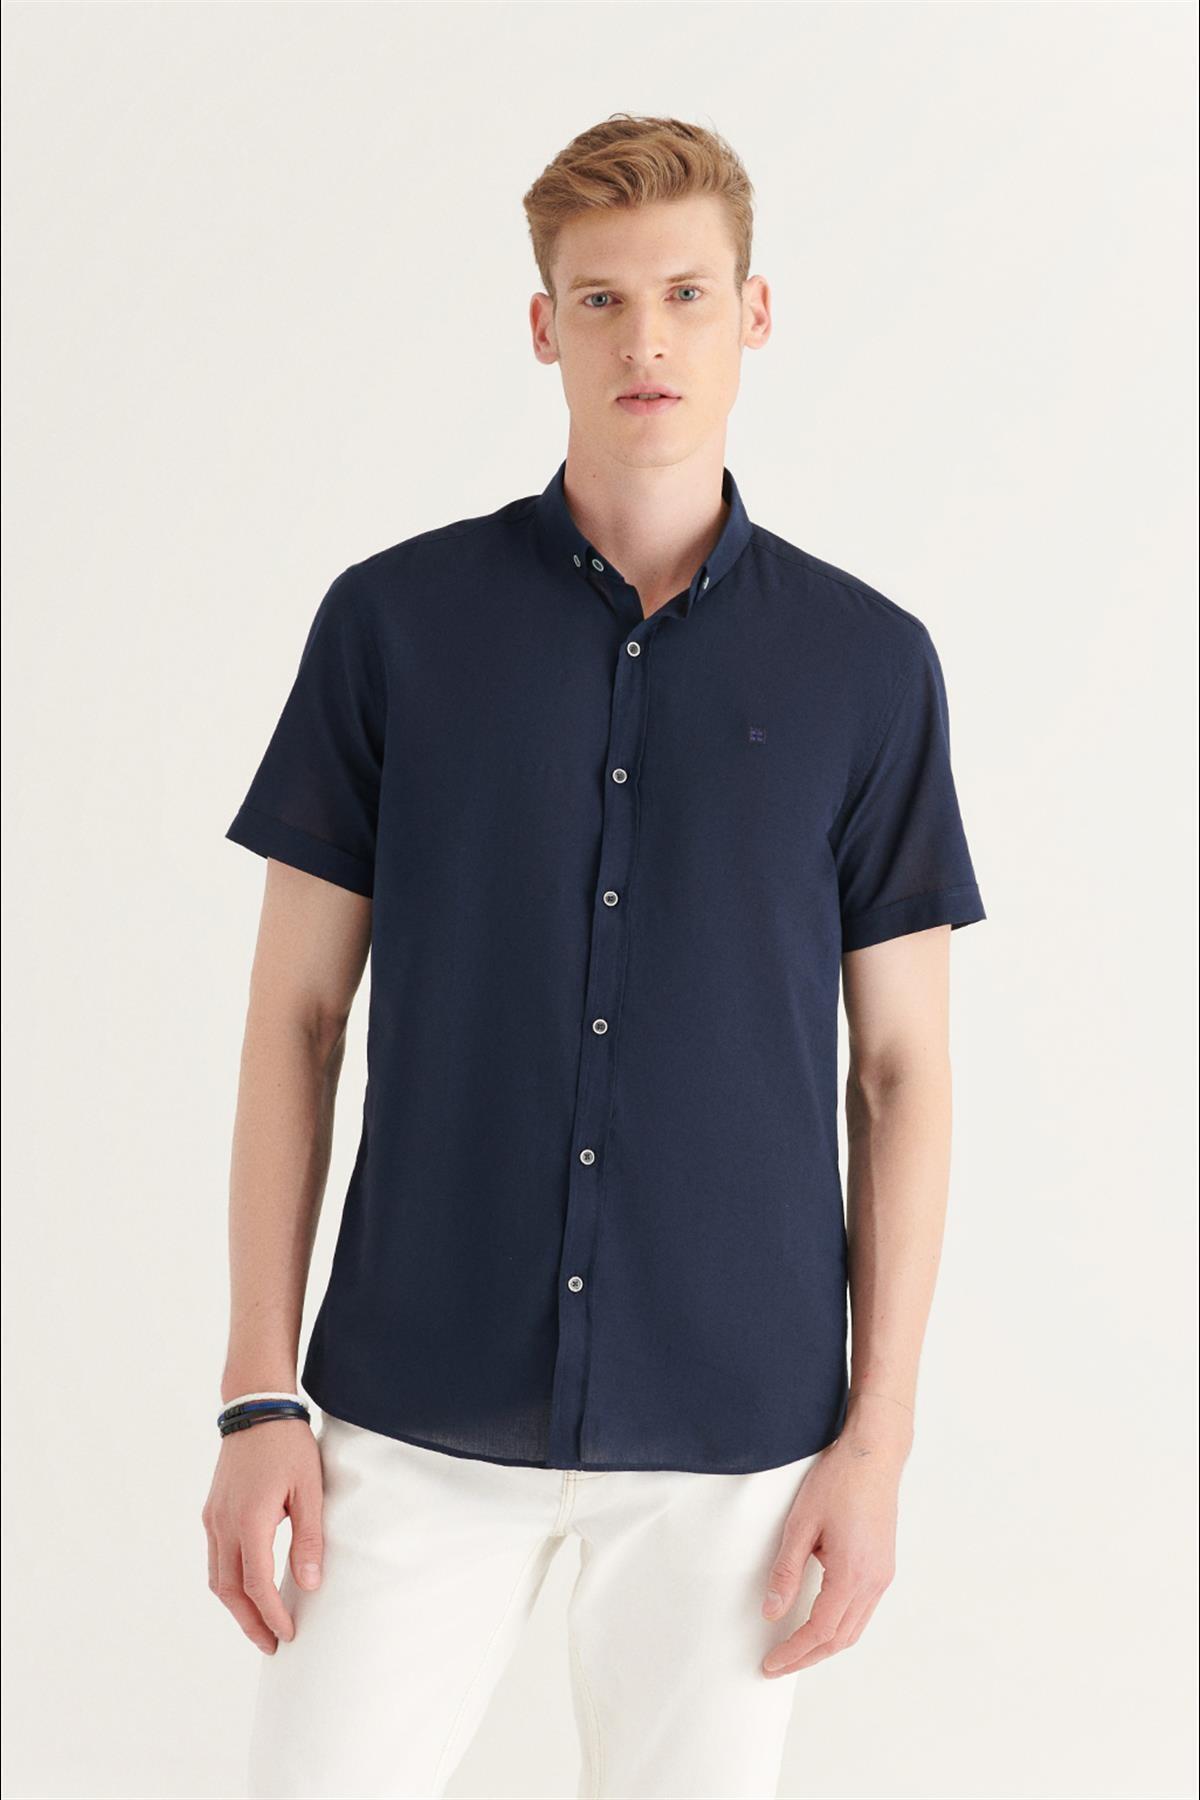 Erkek Lacivert Düz Düğmeli Yaka Slim Fit Kısa Kol Vual Gömlek A11b2210